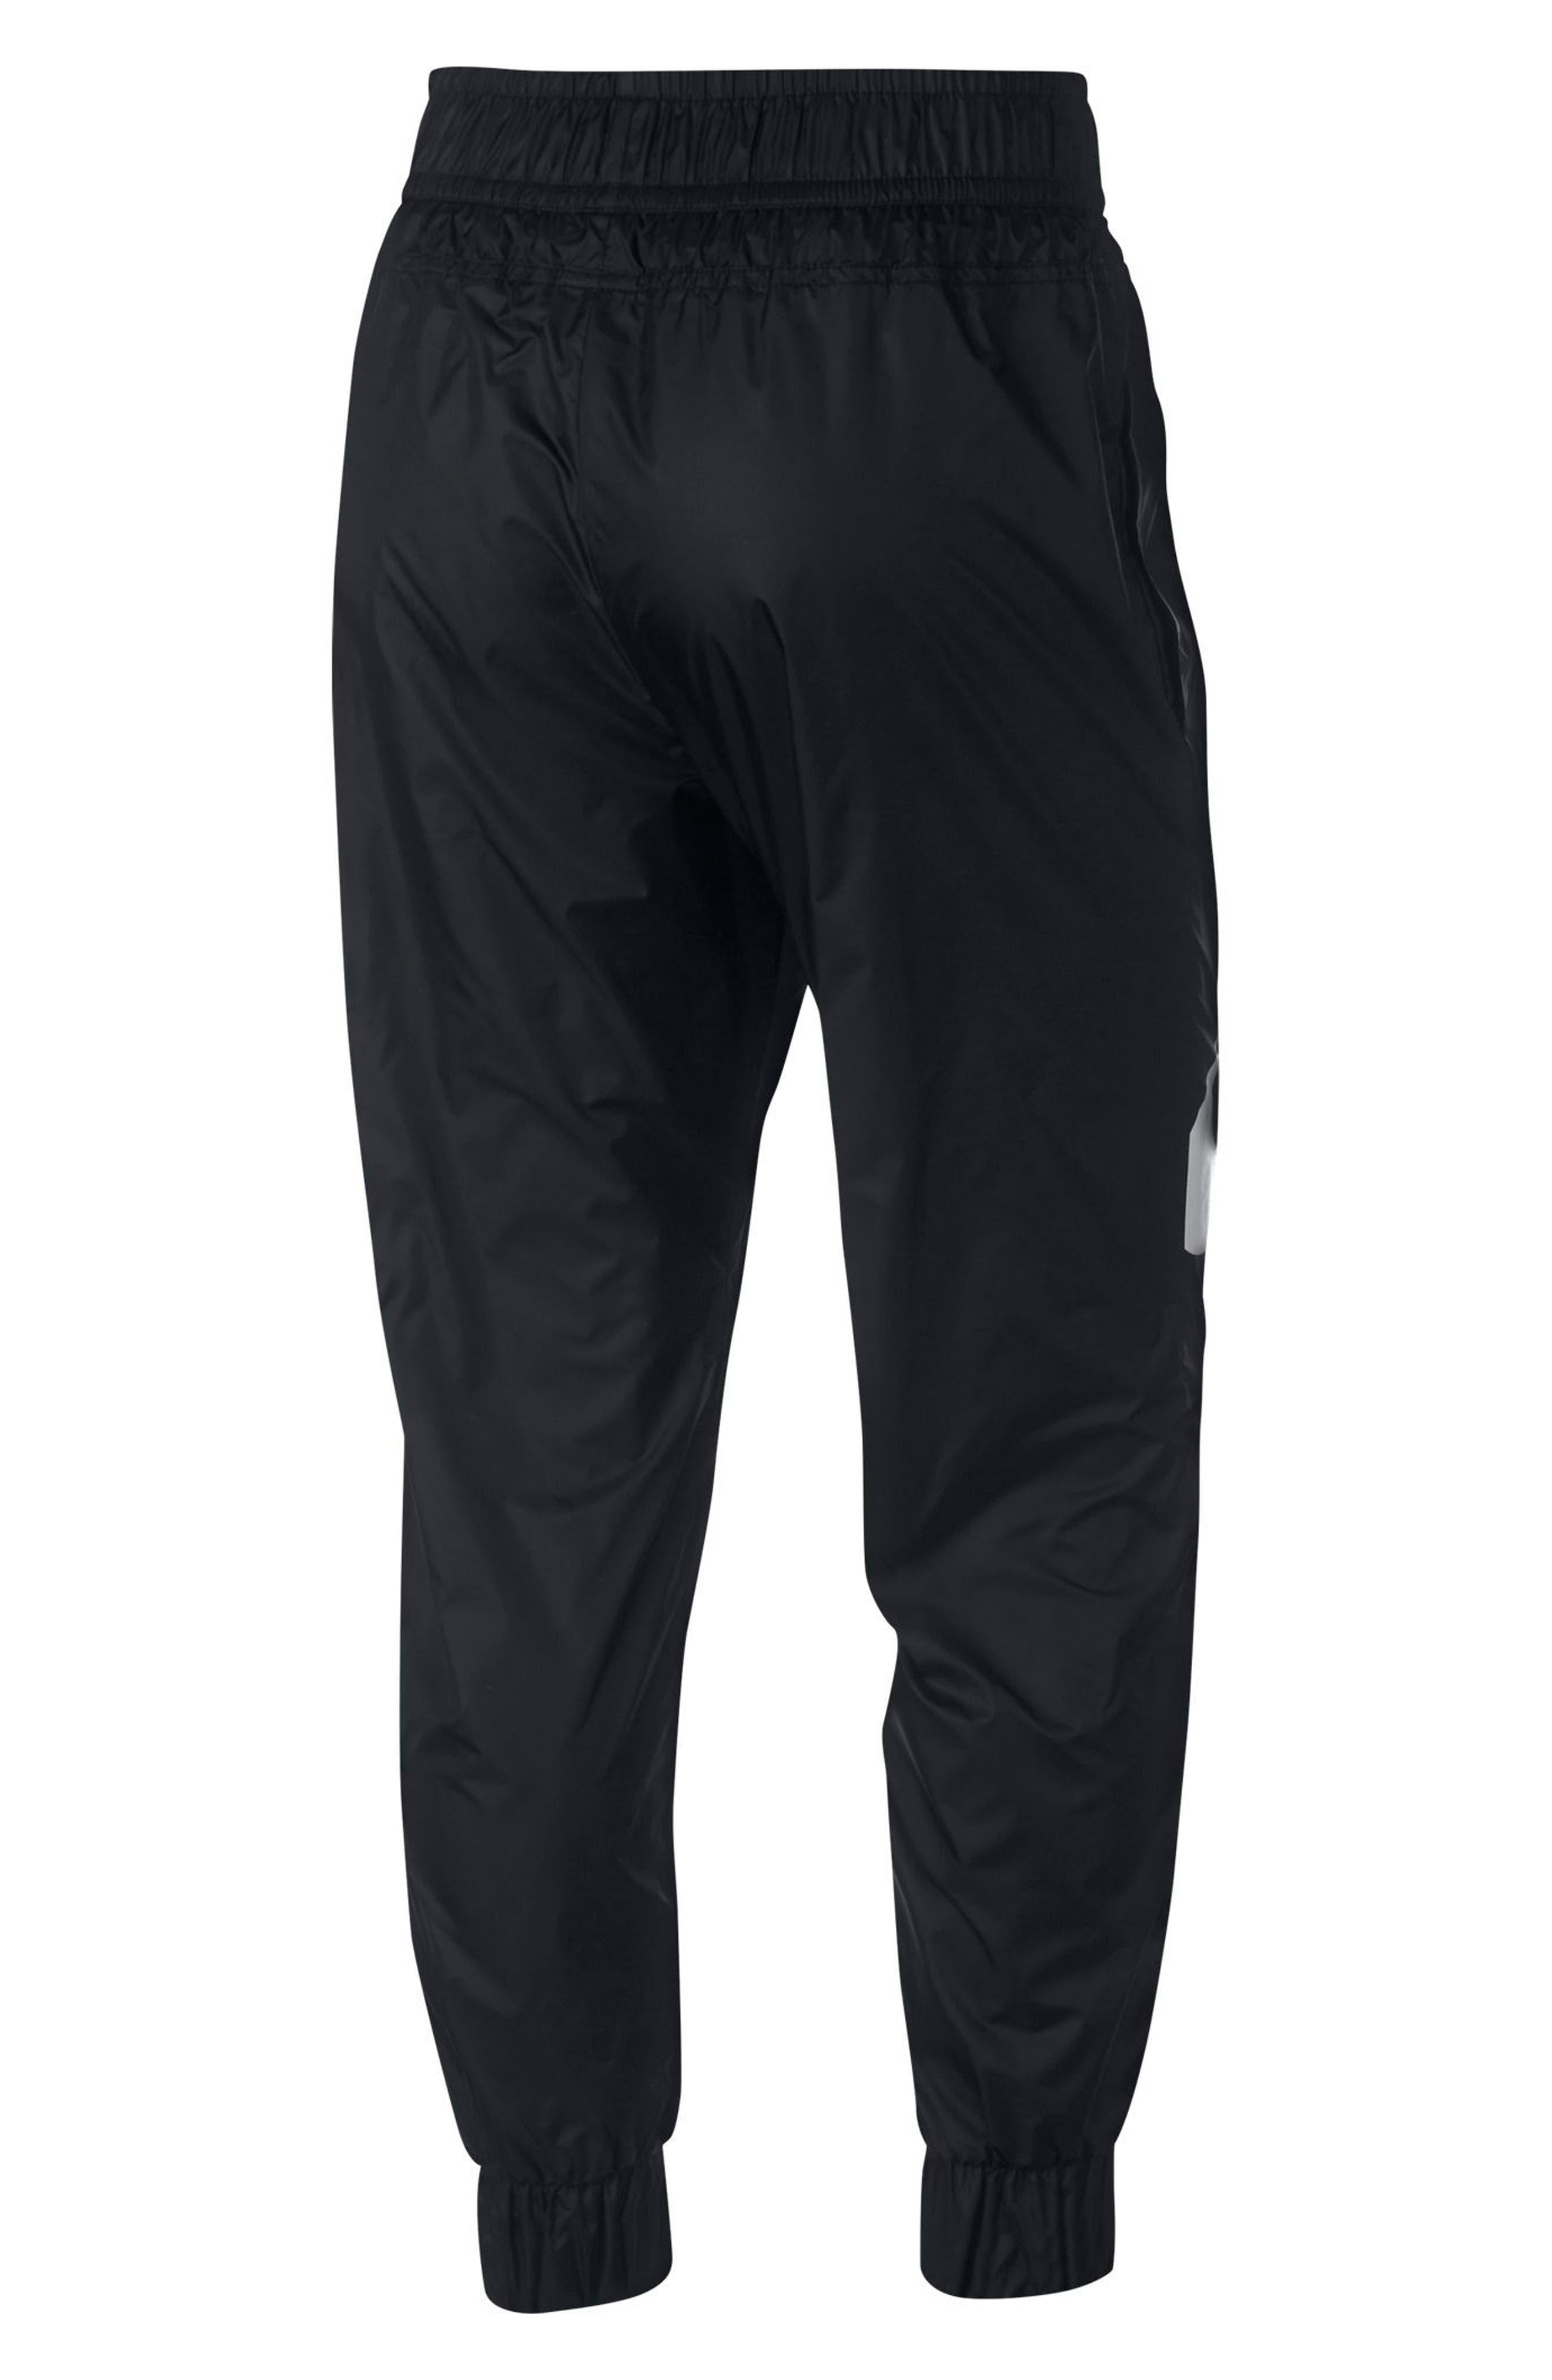 Sportswear Windrunner Women's Pants,                             Alternate thumbnail 2, color,                             Black/ Black/ Obsidian/ White